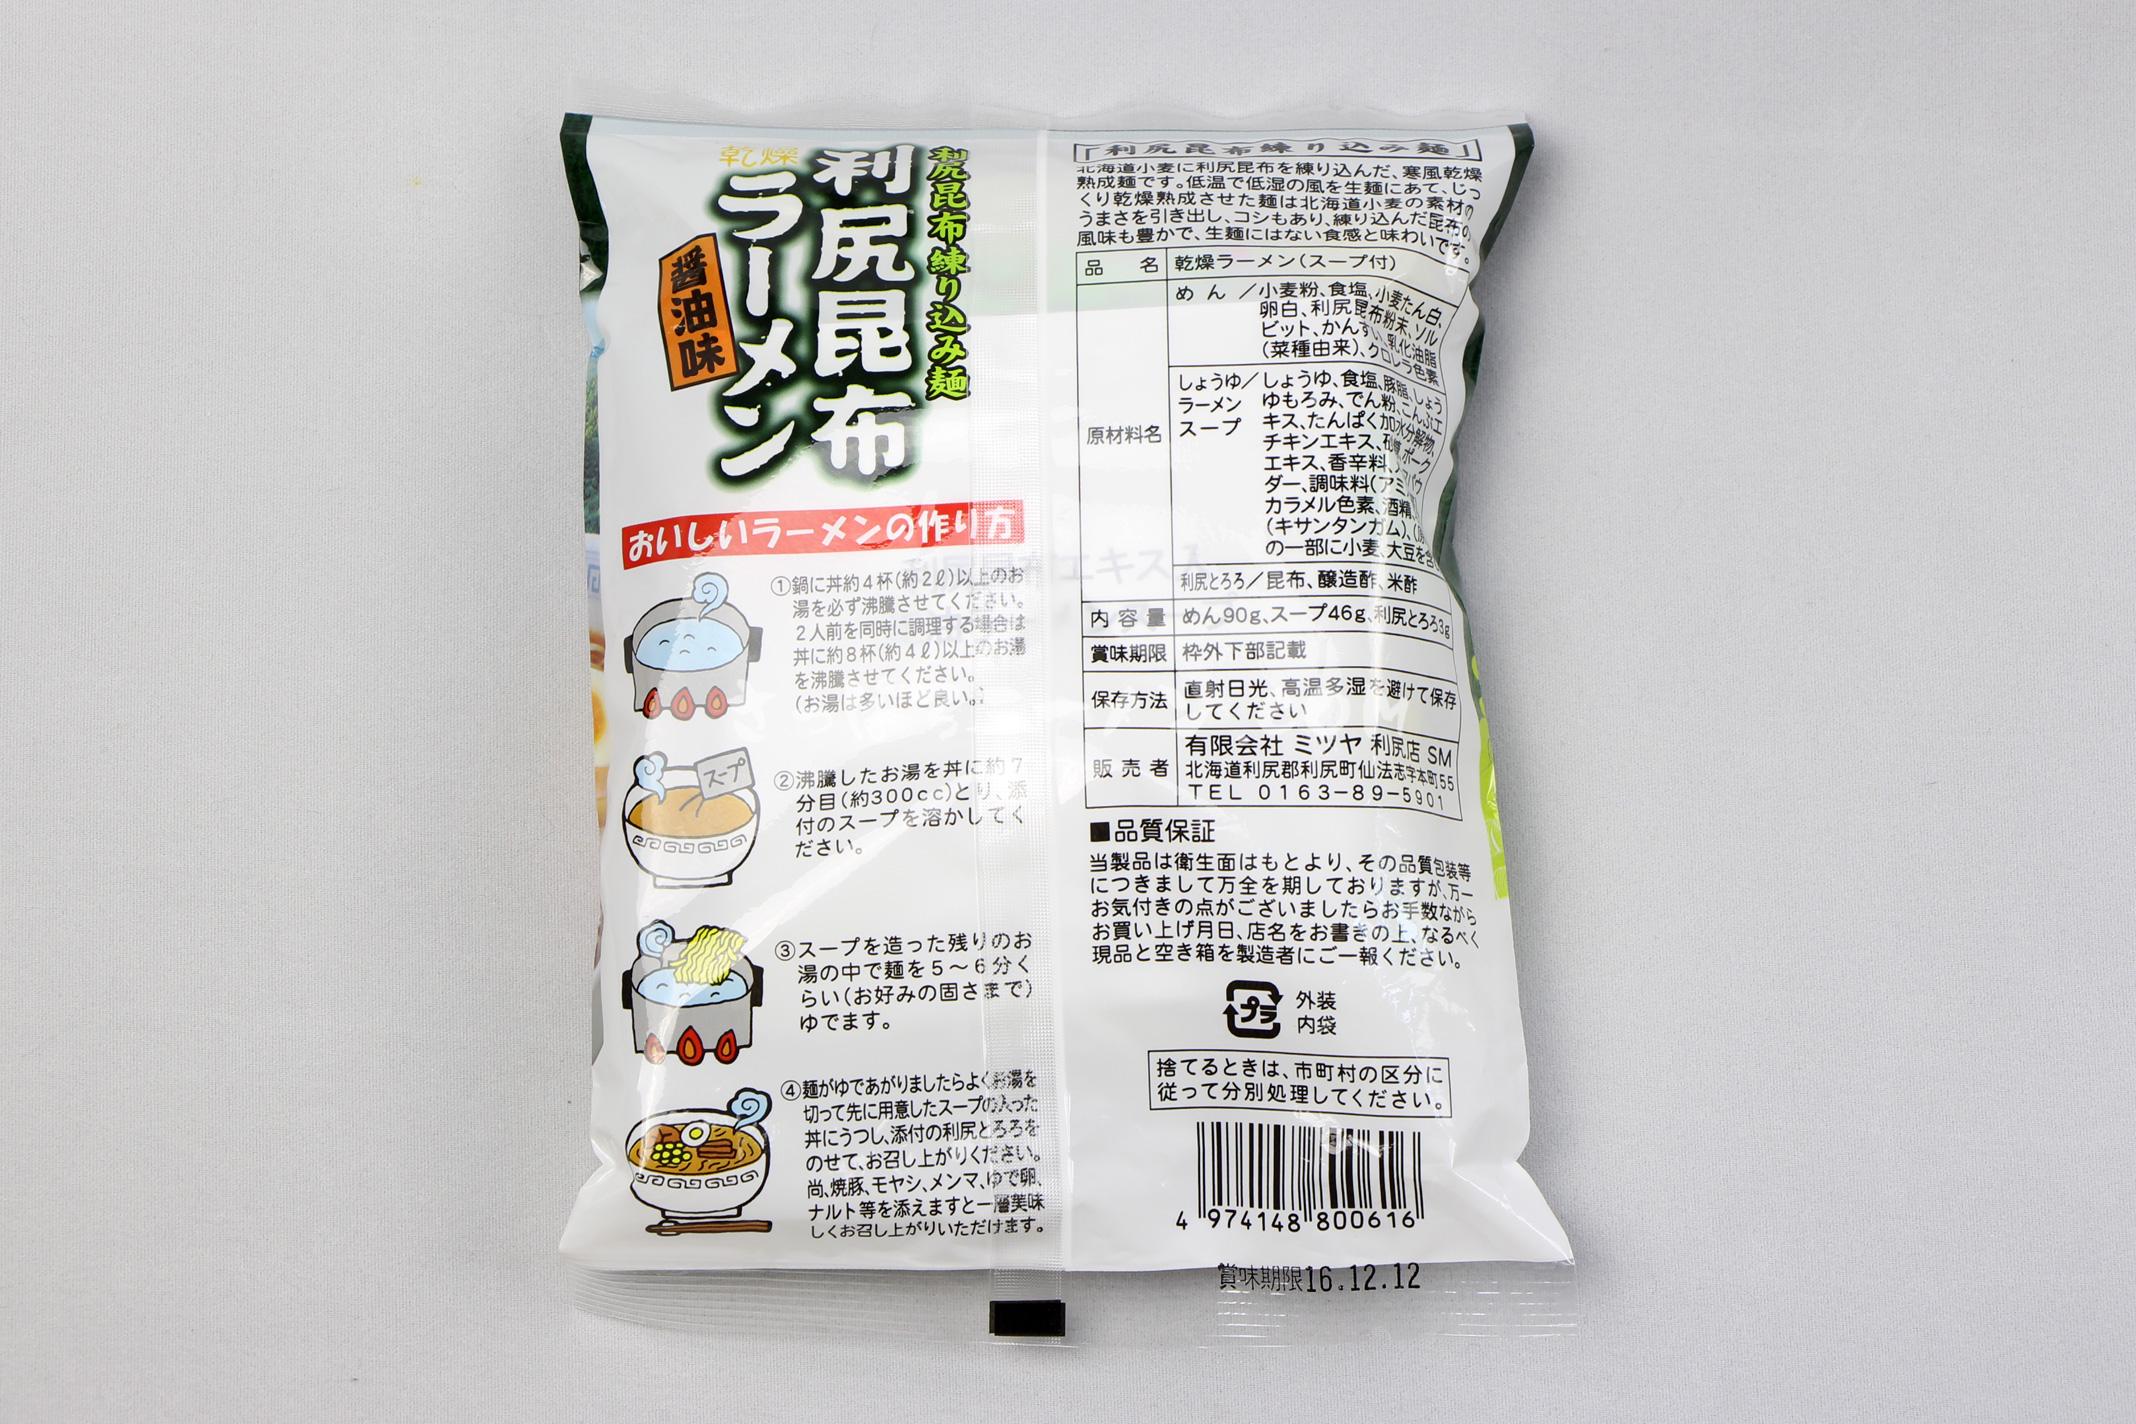 「利尻昆布ラーメン 醤油味」(有限会社ミツヤ利尻店)のパッケージ(裏)